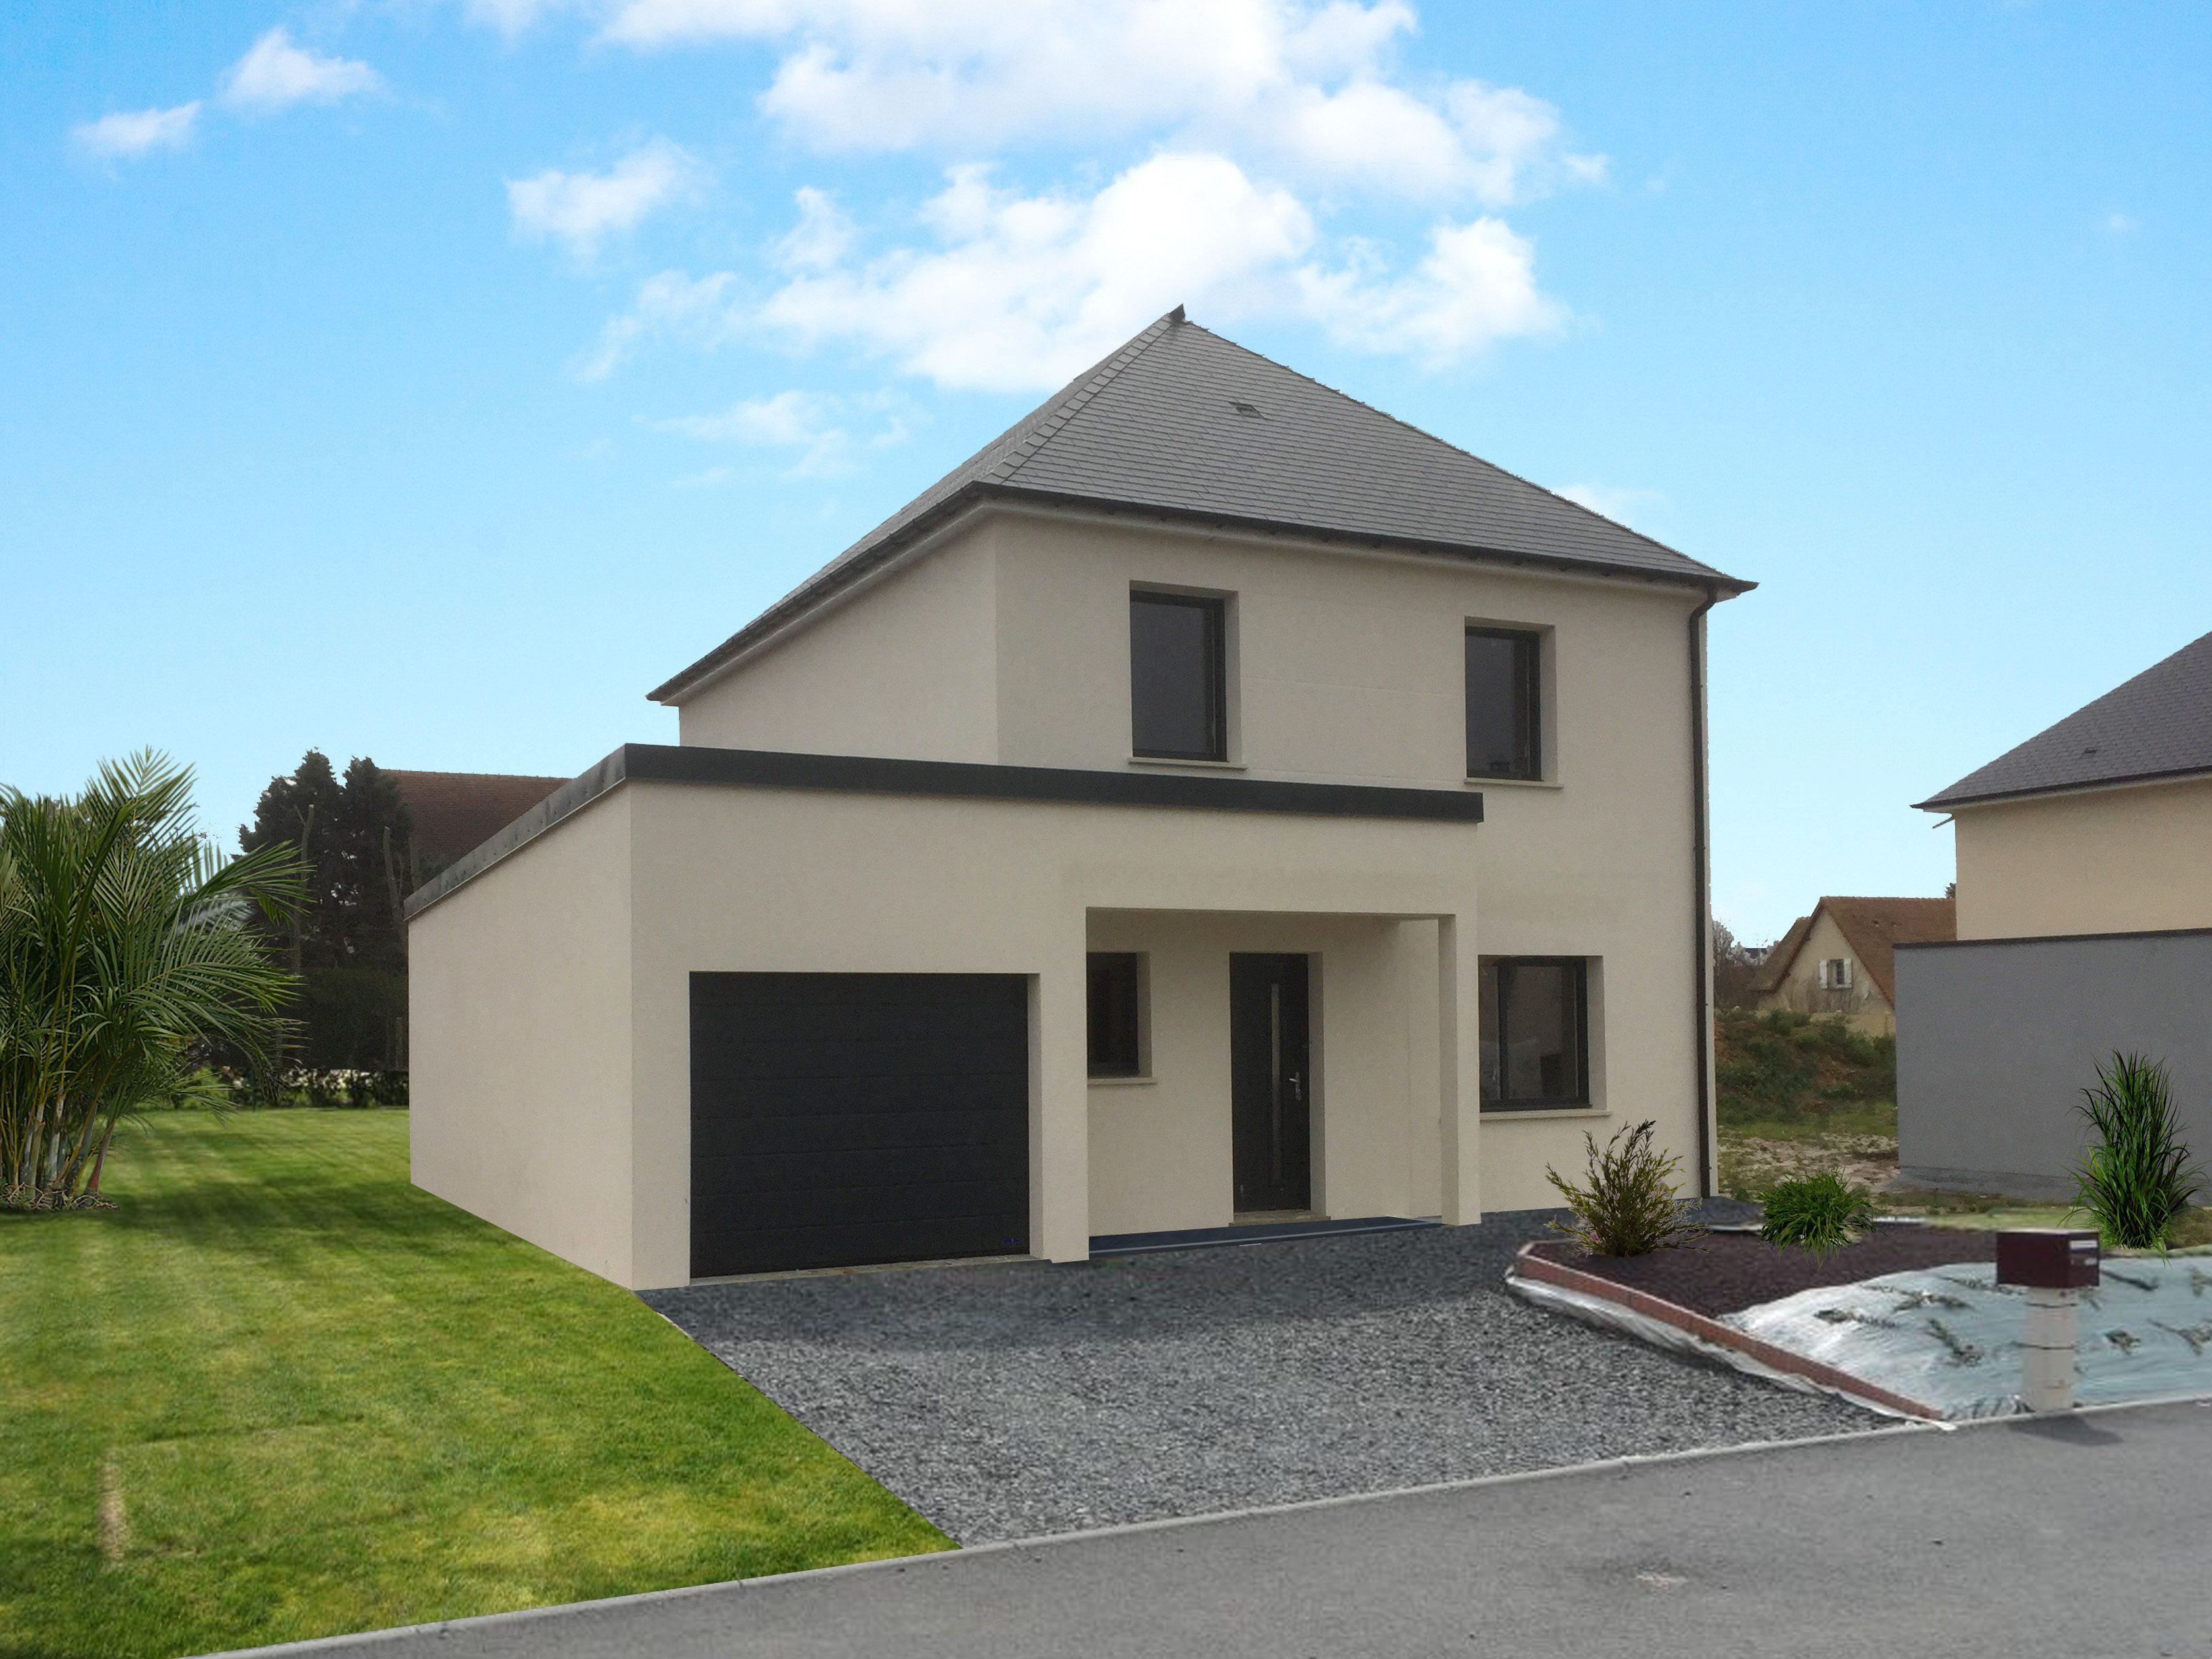 Maisons + Terrains du constructeur MAISON FAMILIALE RENNES • 110 m² • RETIERS